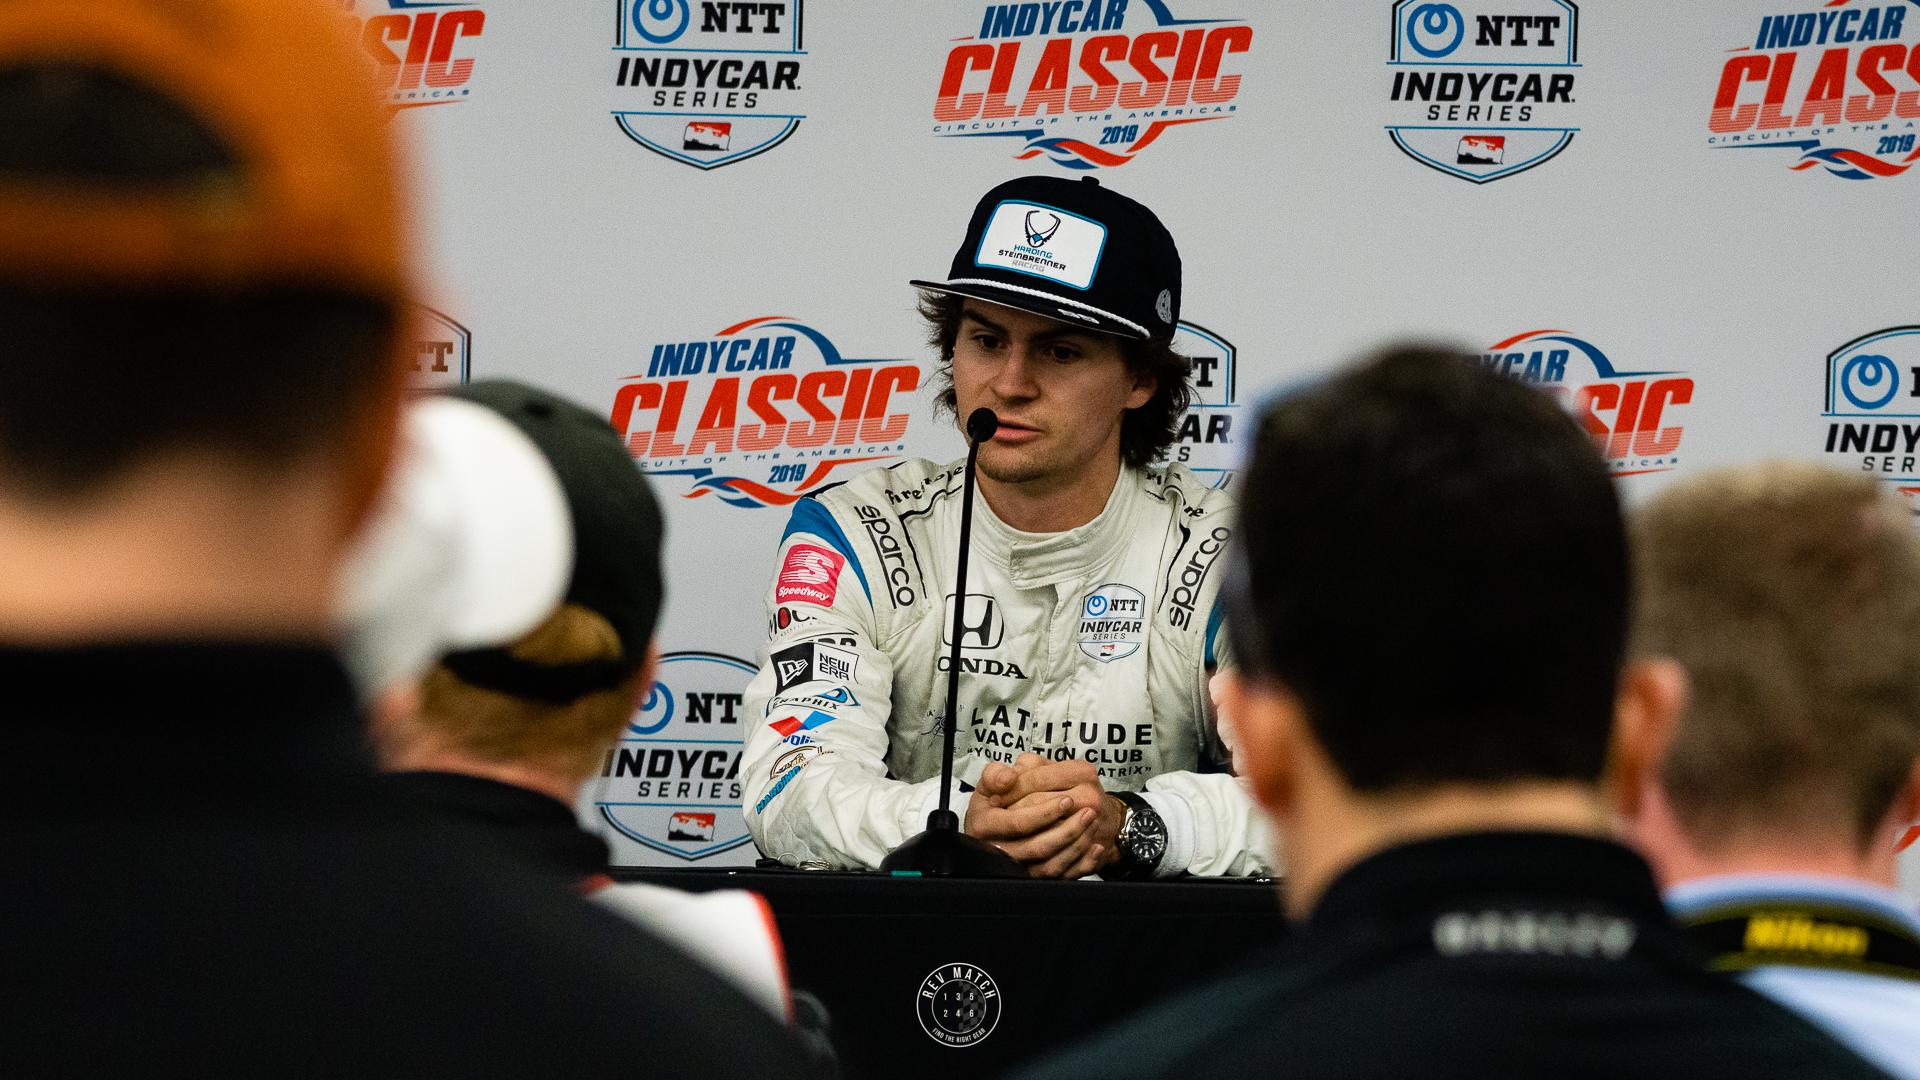 IndyCar Classic COTA 2019 Rev Match Media-103.jpg